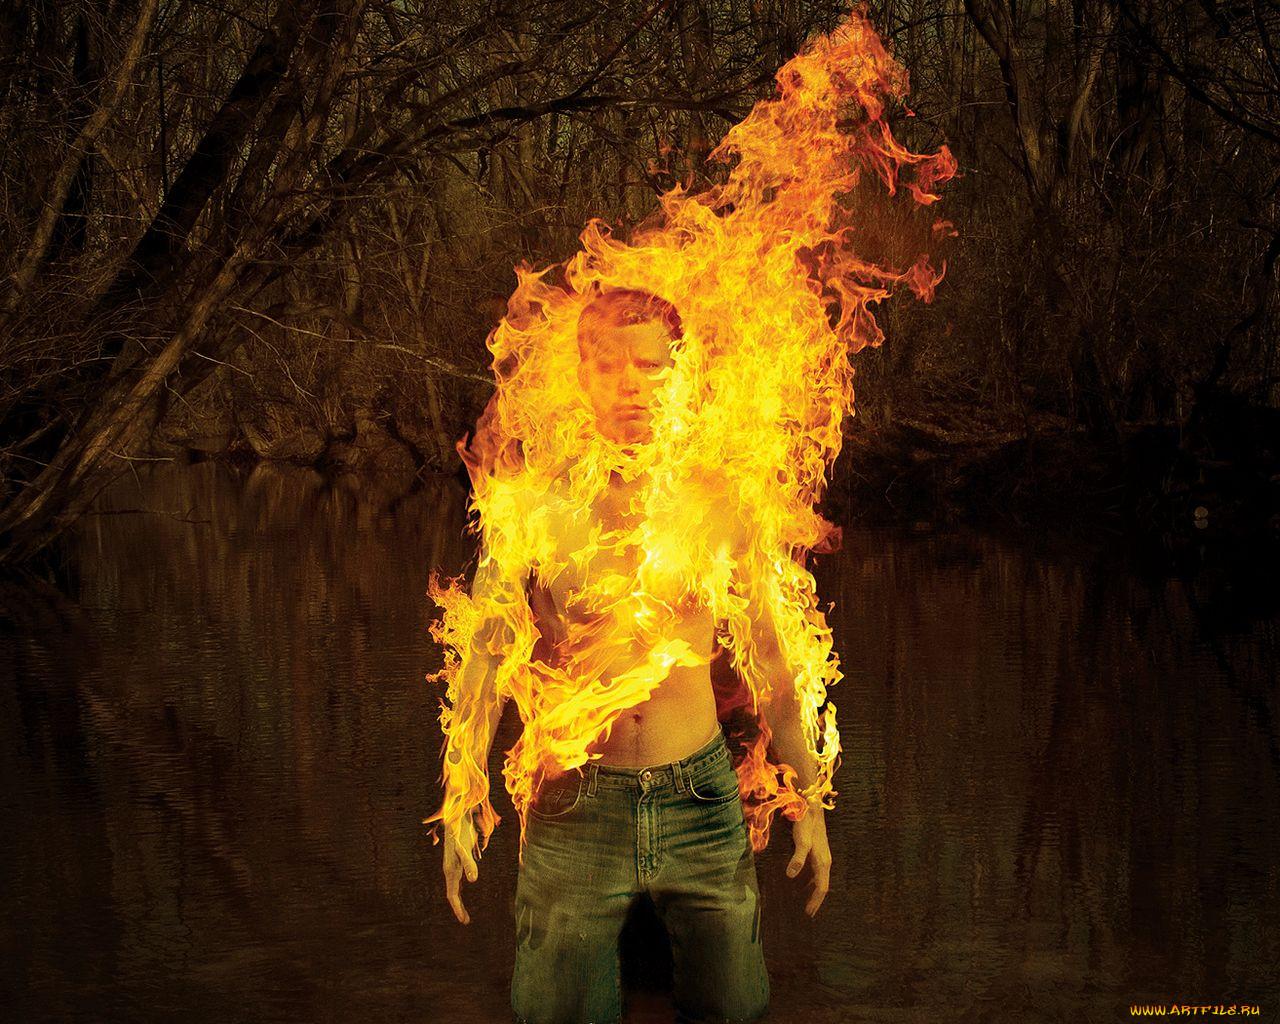 Огненный парень картинки